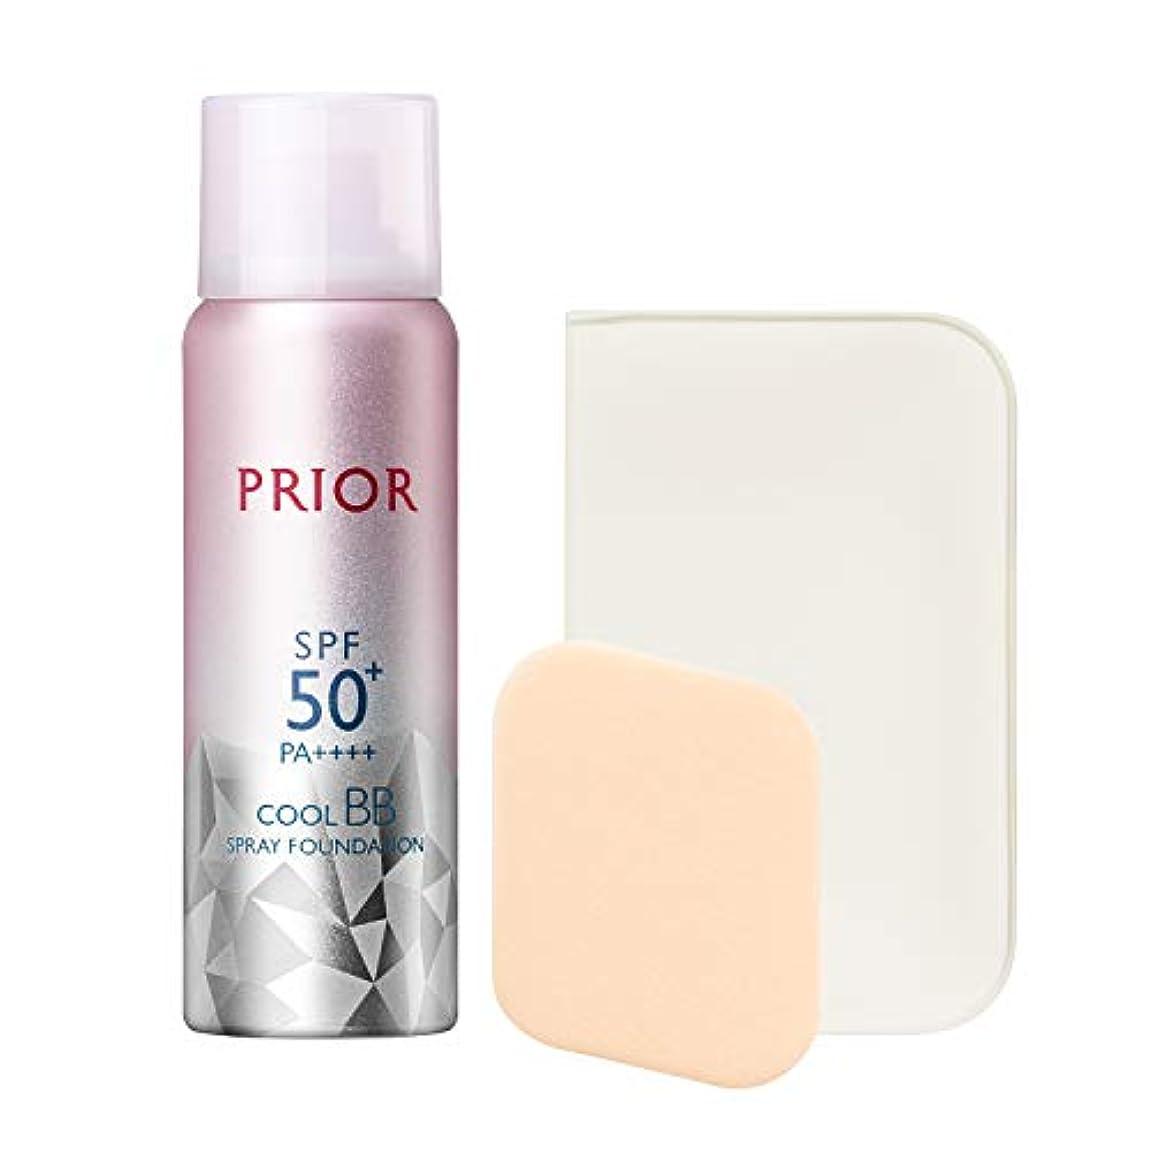 綺麗なランプ謝罪プリオール クール美つやBBスプレー UV 50 c ナチュラル 50g